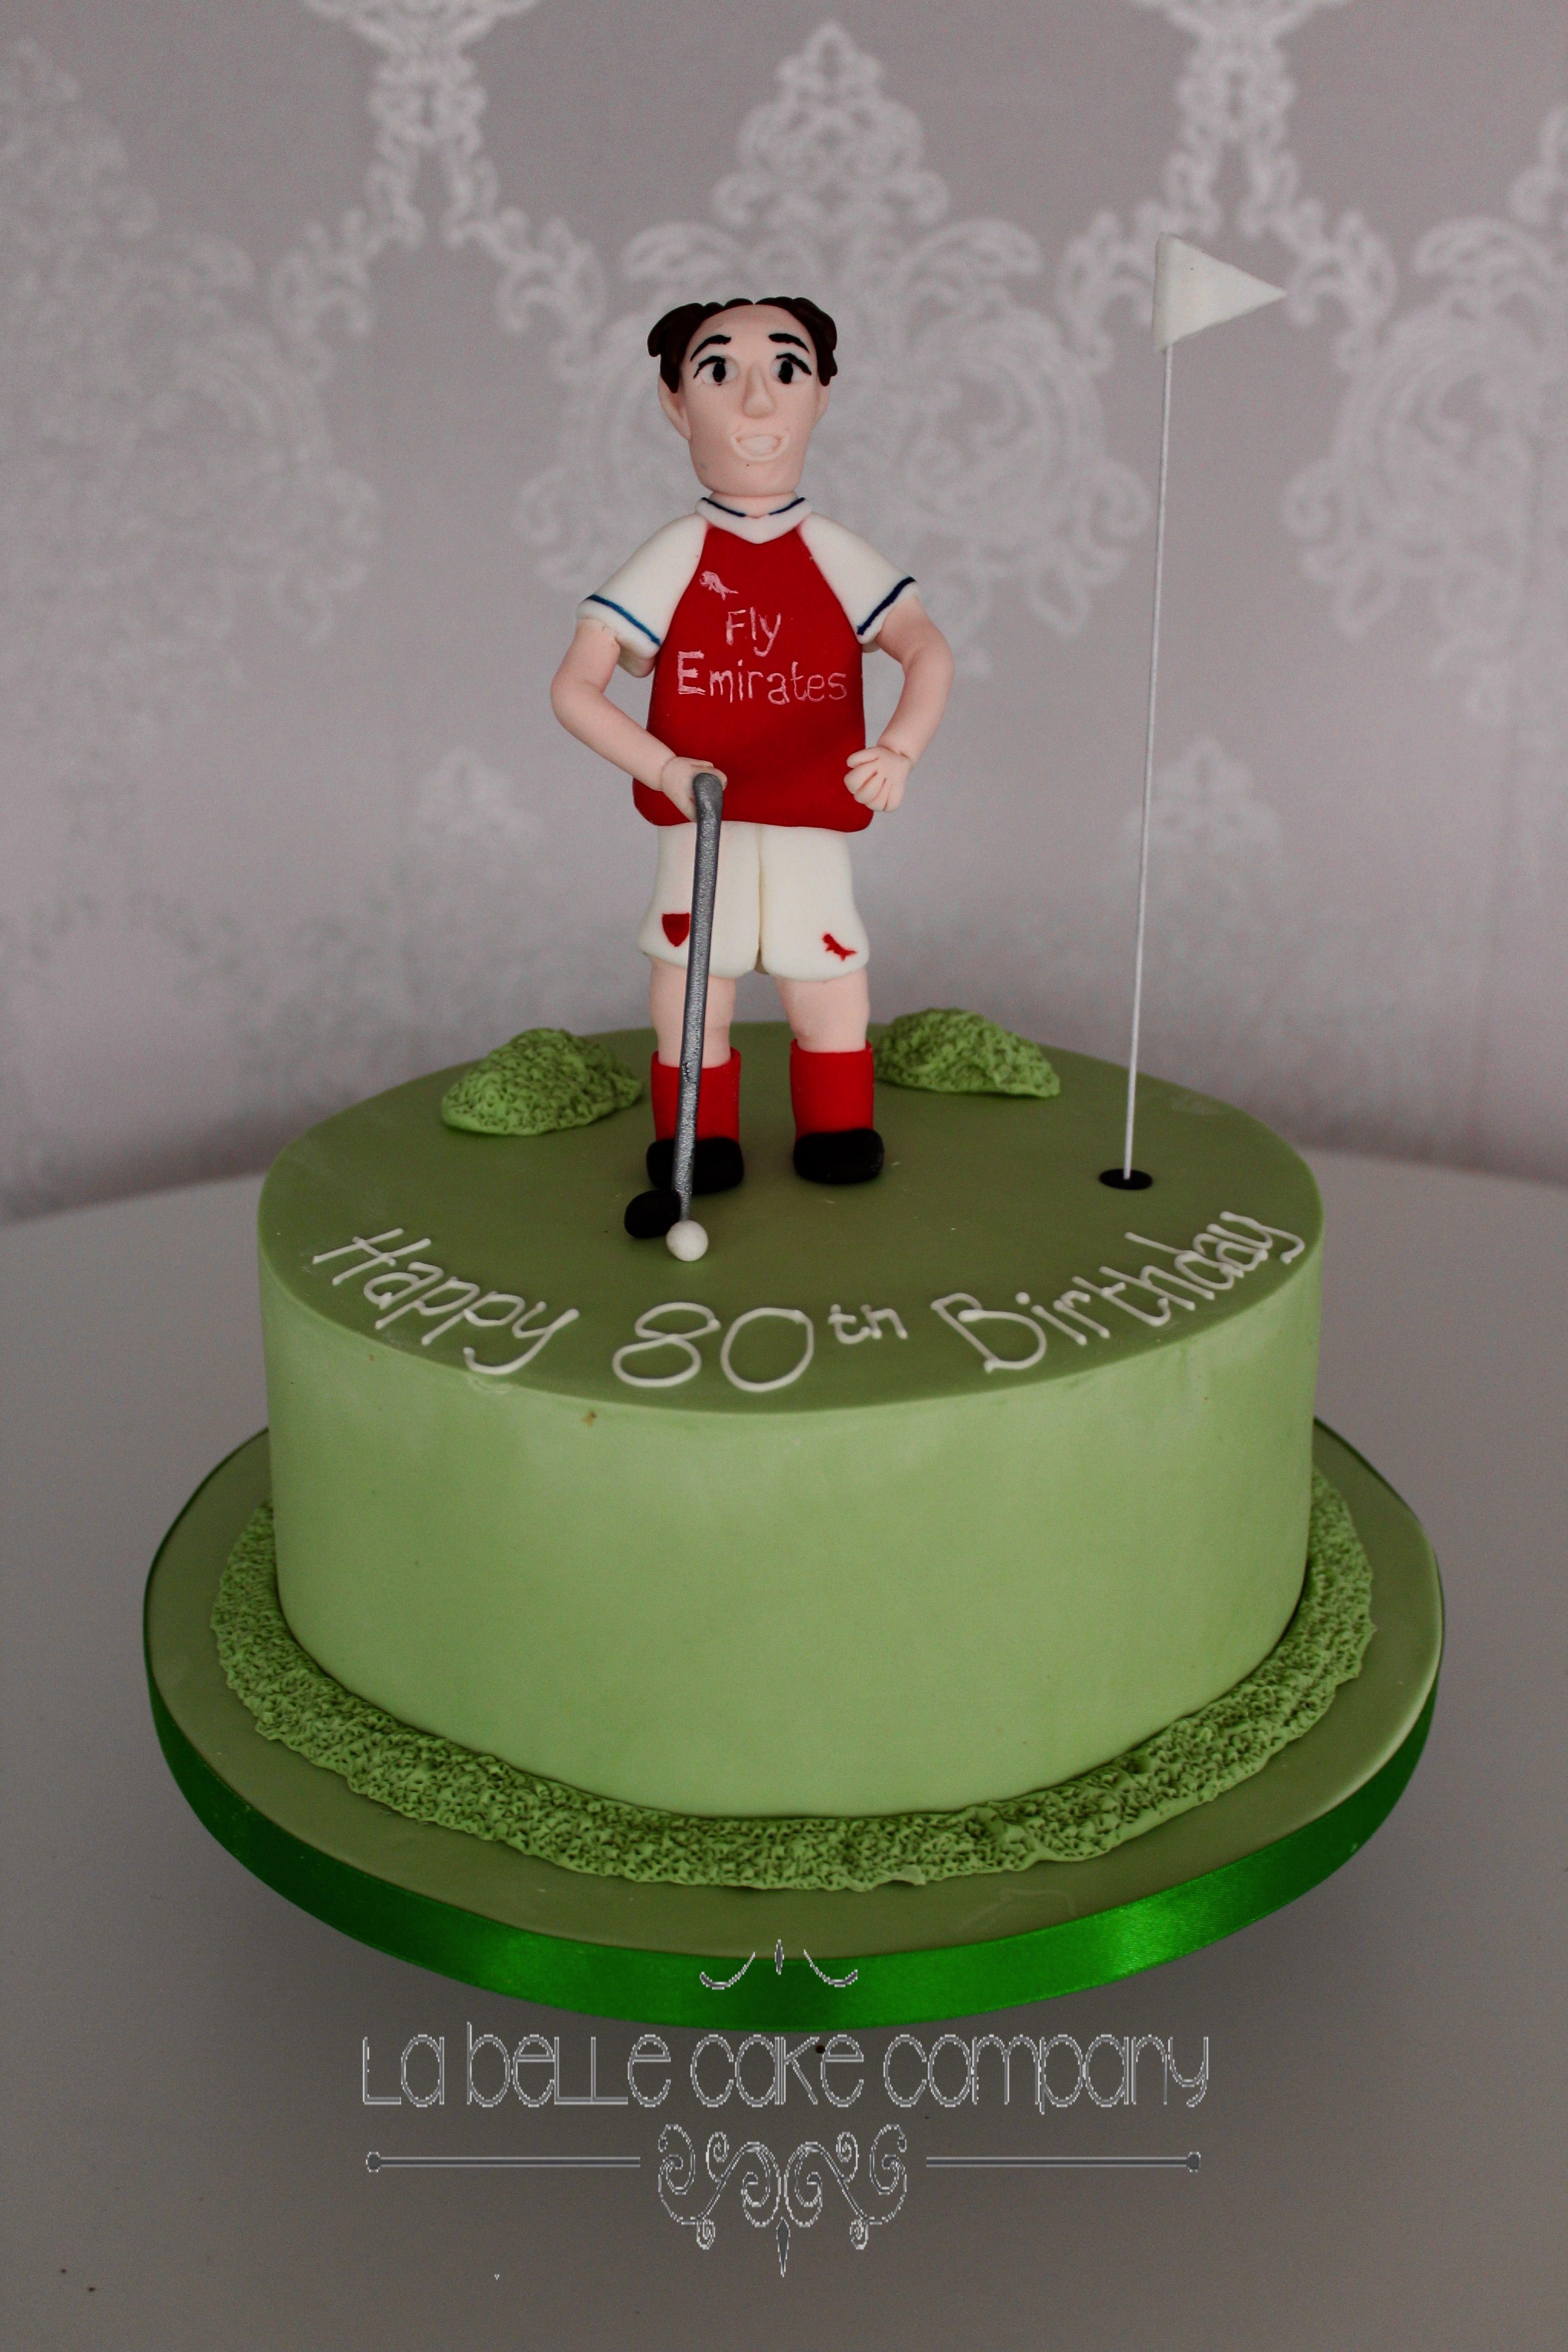 Golf Novelty Birthday Celebration Cake By La Belle Cake Company